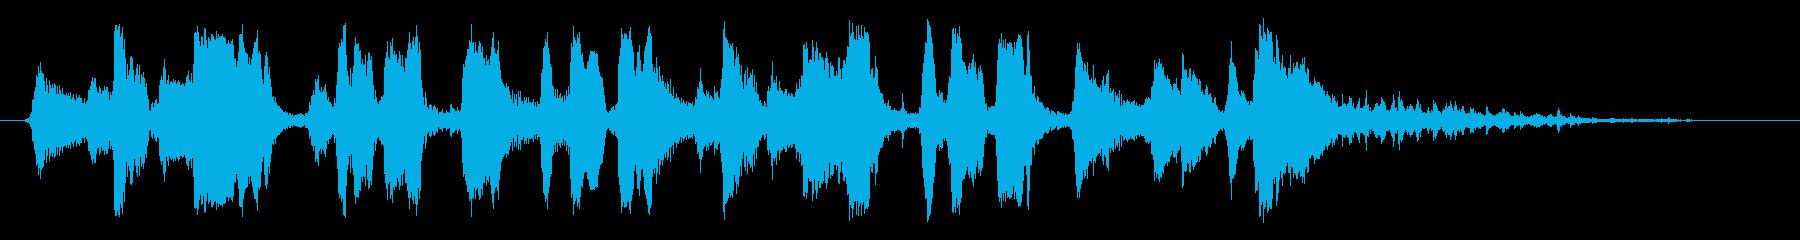 生演奏/爽やかウクレレと口笛とタンバリンの再生済みの波形